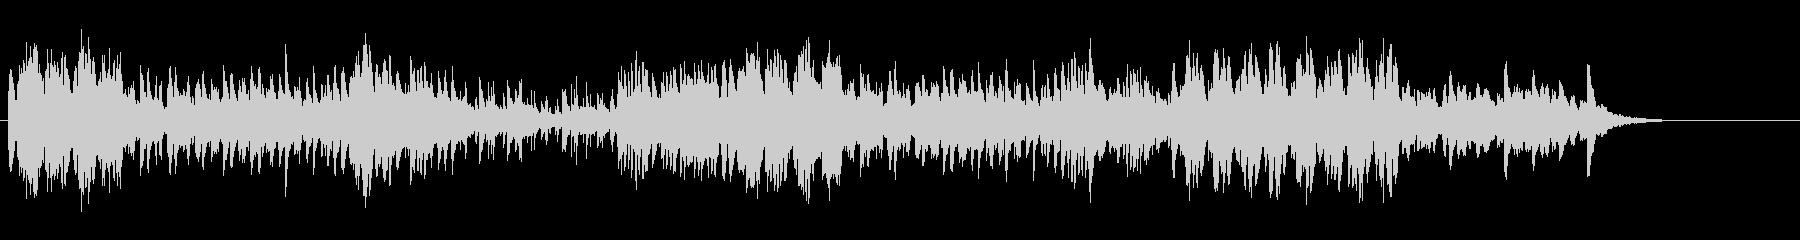 マリンバ・鉄琴・木琴等による高速五重奏の未再生の波形